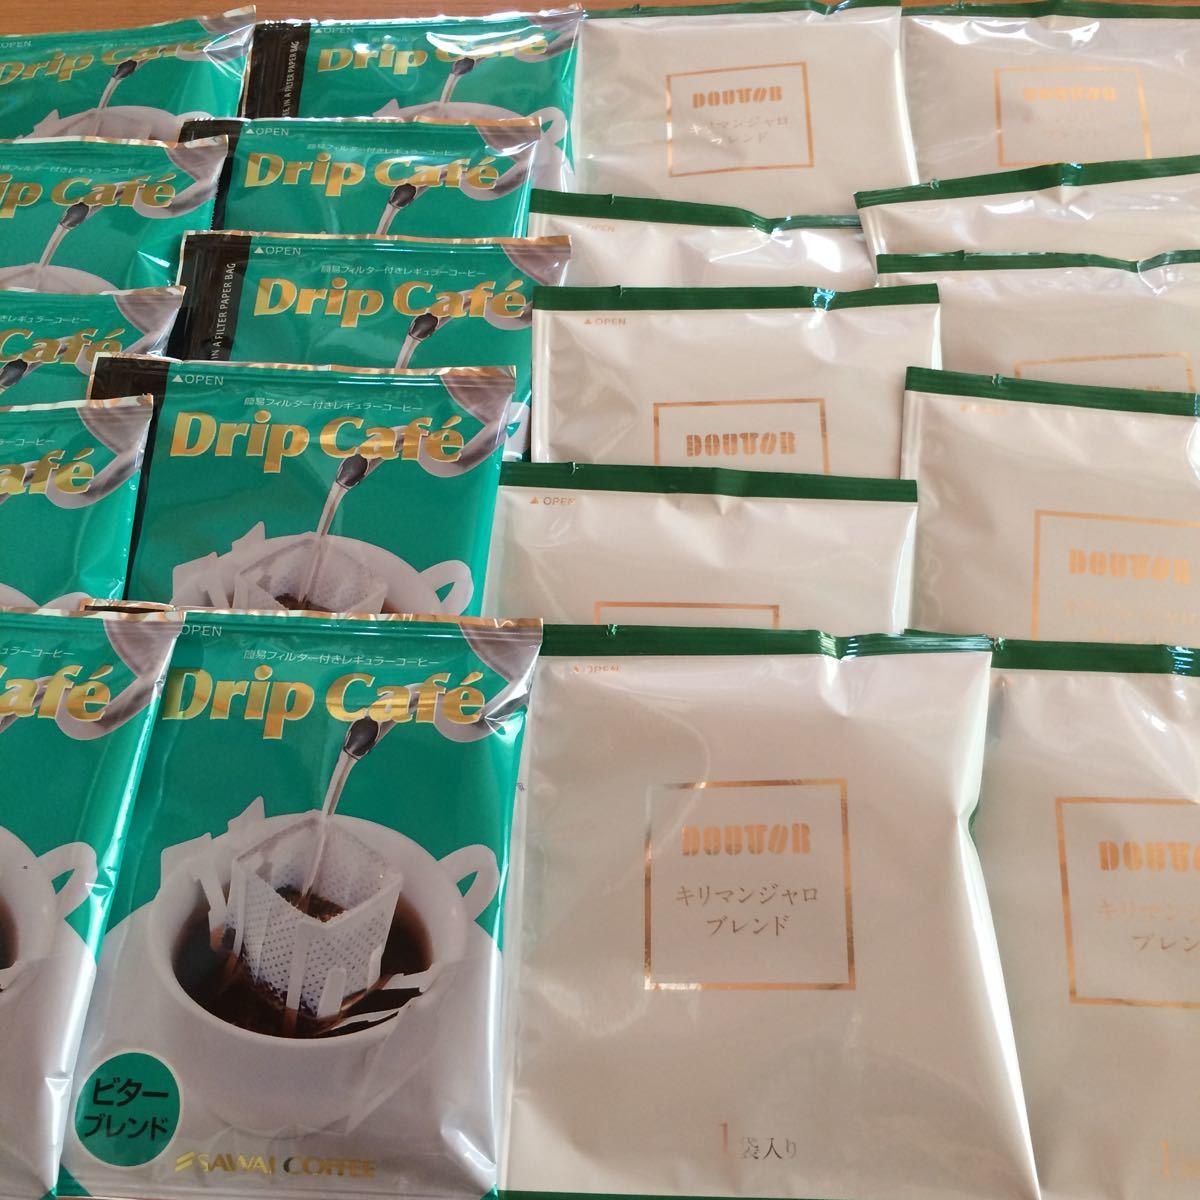 ドリップコーヒー 20袋 ドトール サワイ